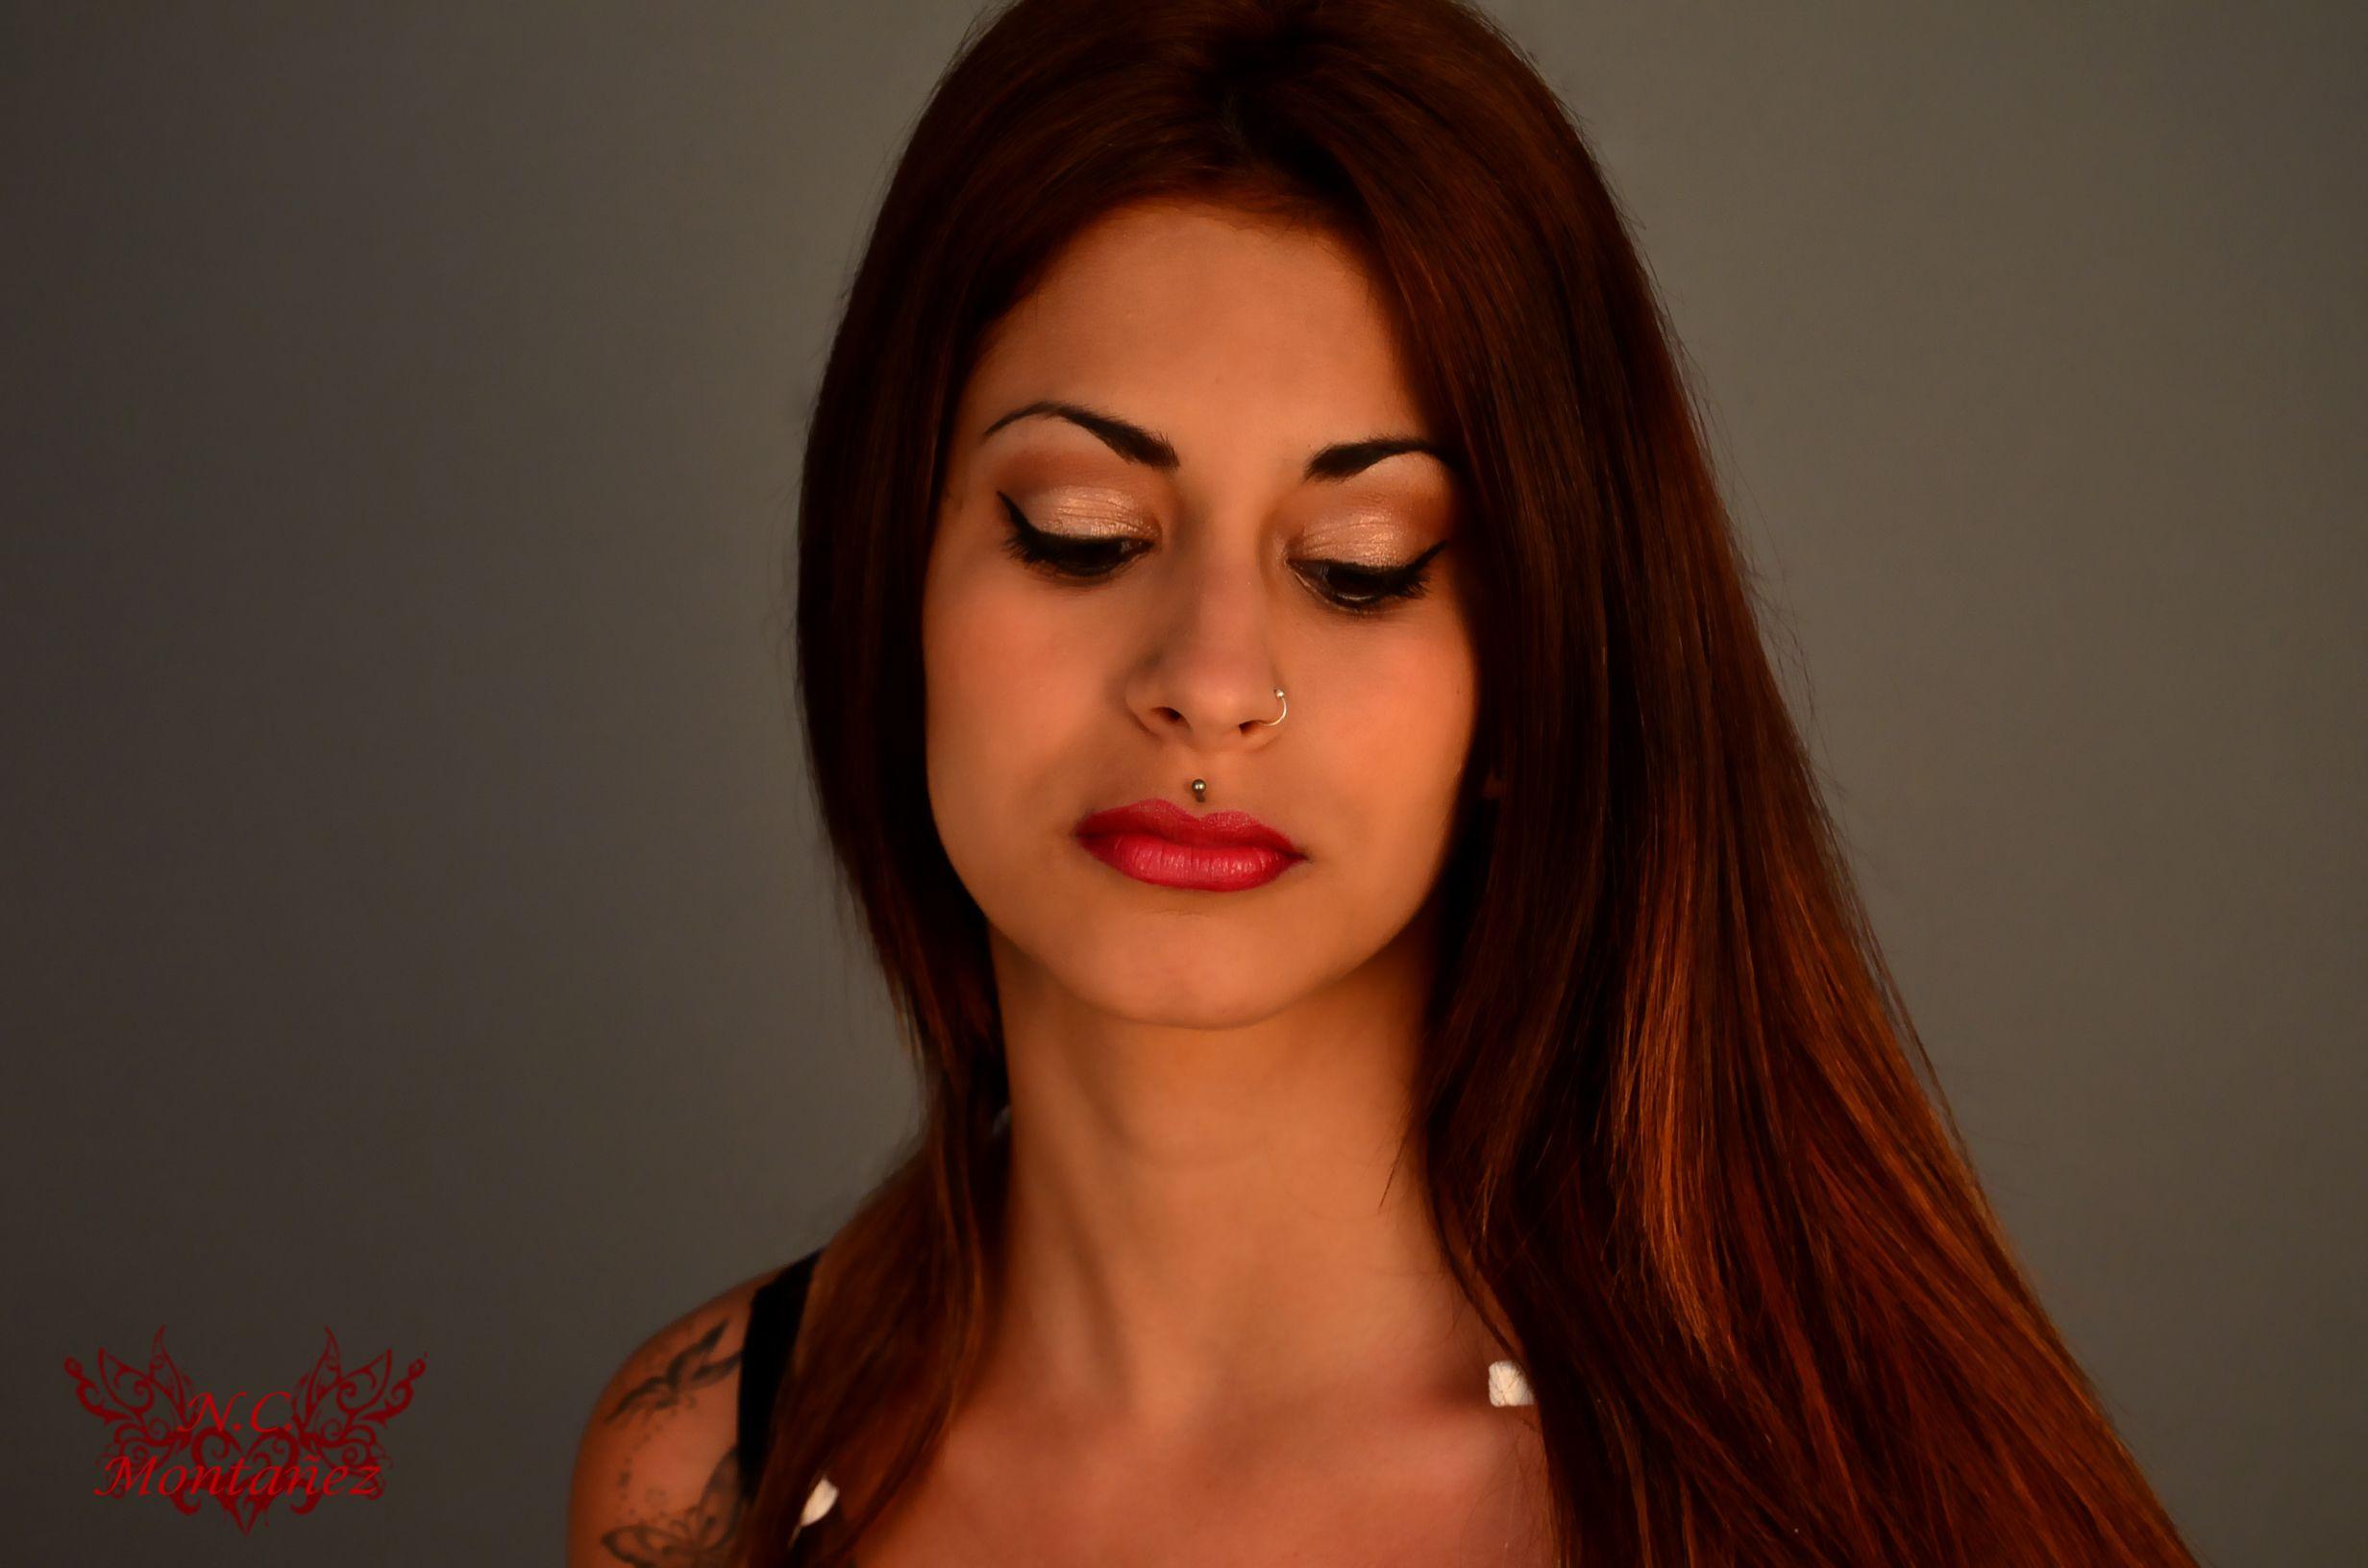 Modelo Ana Ariza Maquillaje, Modelos